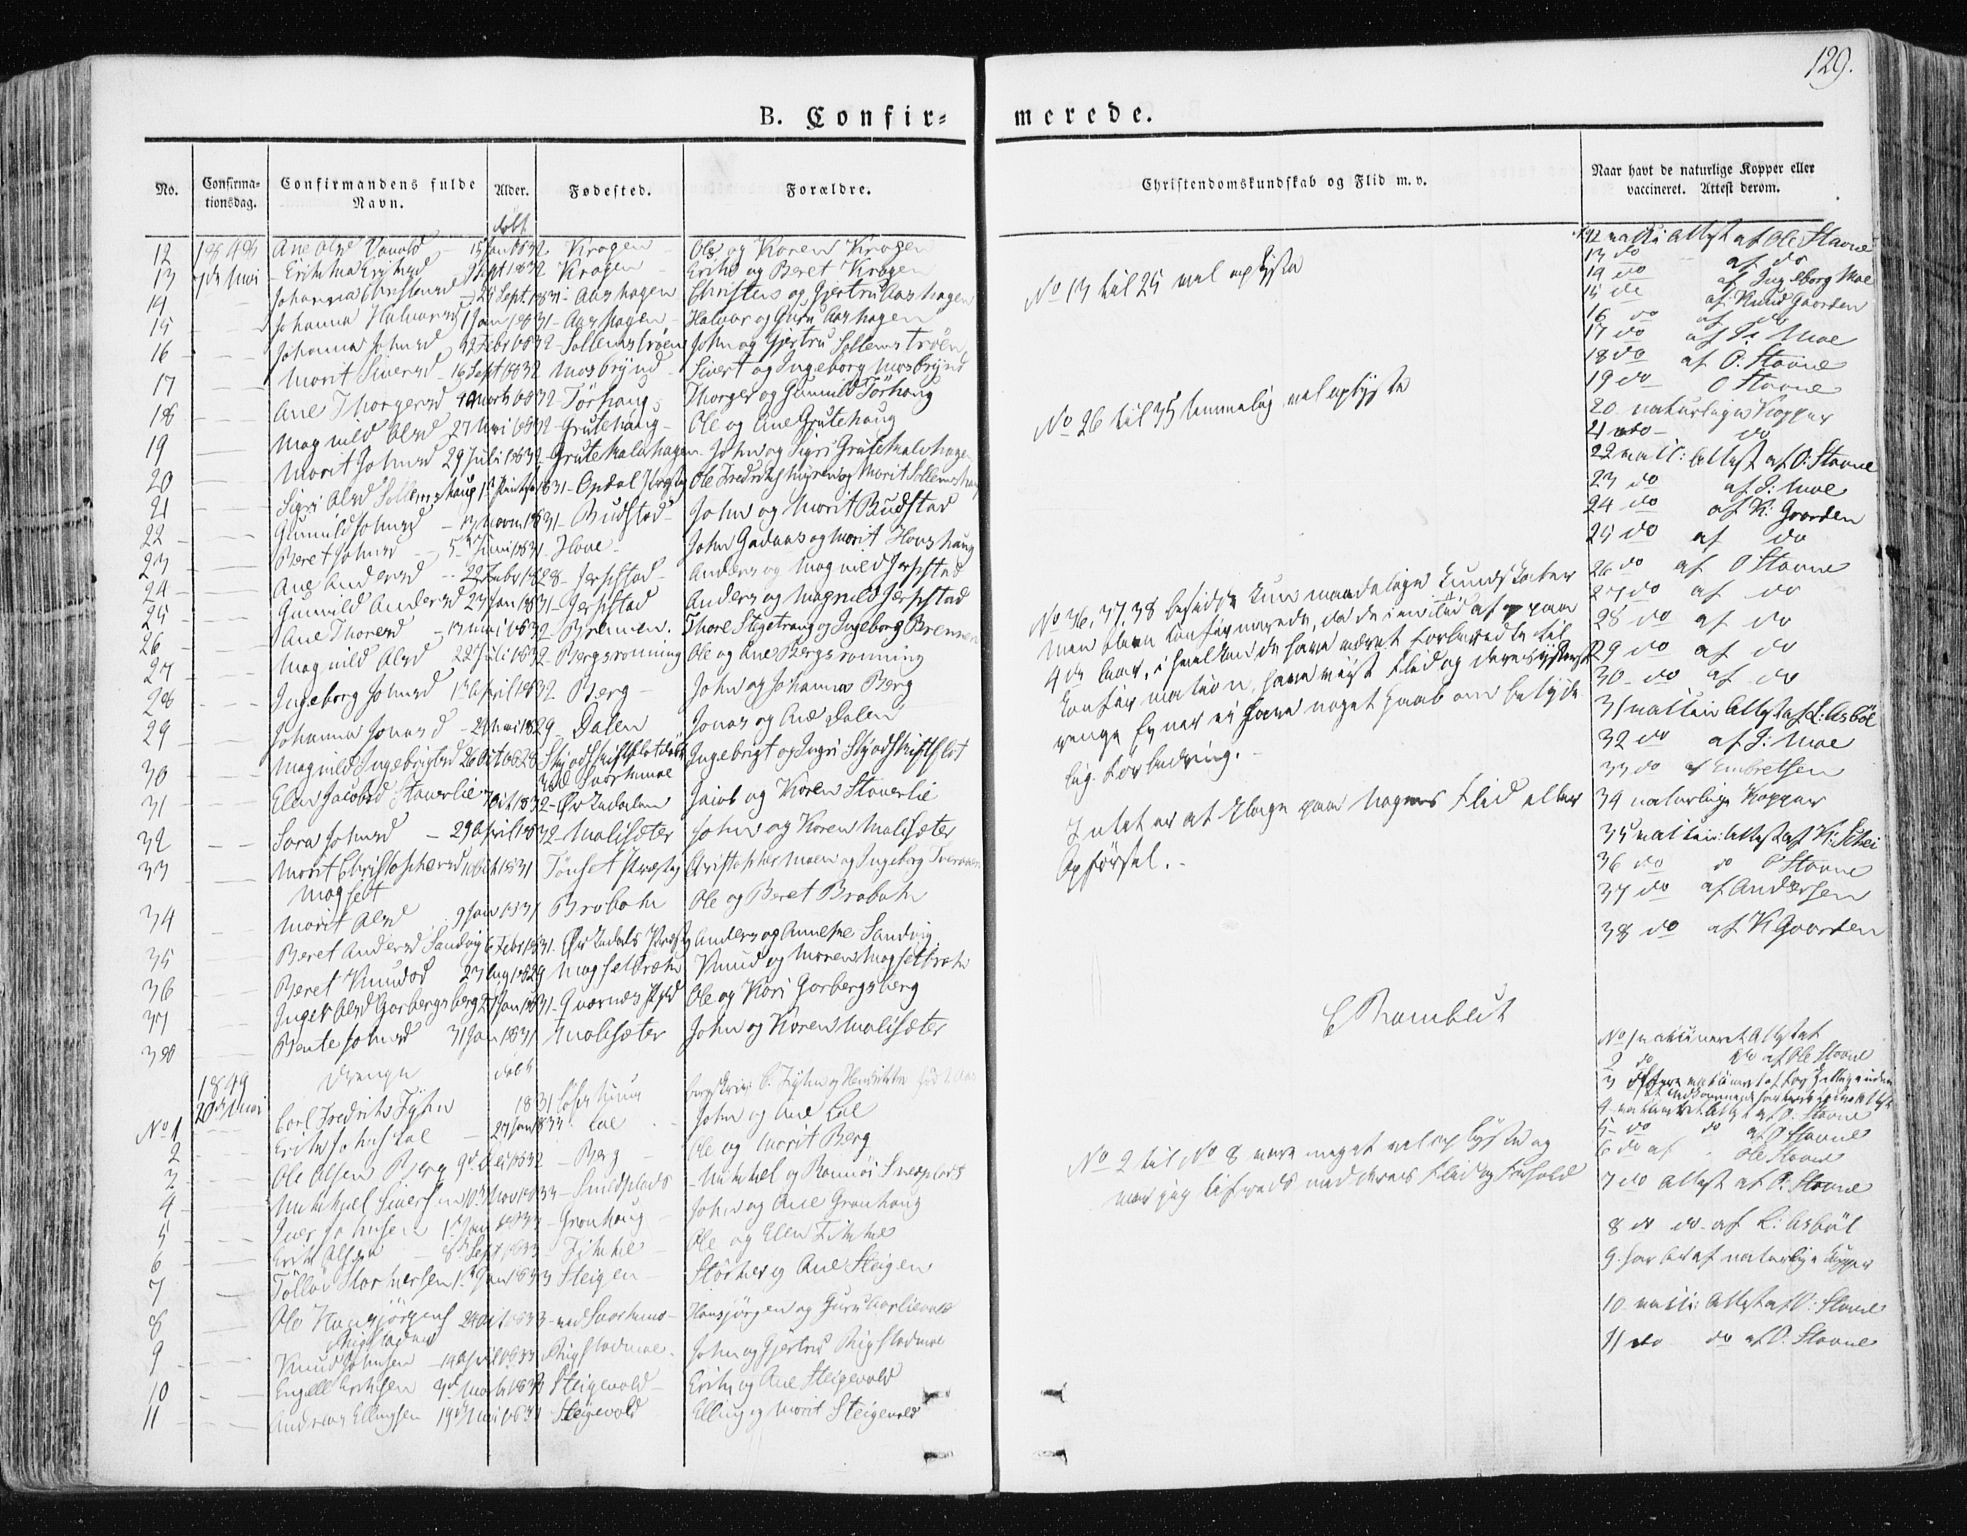 SAT, Ministerialprotokoller, klokkerbøker og fødselsregistre - Sør-Trøndelag, 672/L0855: Ministerialbok nr. 672A07, 1829-1860, s. 129